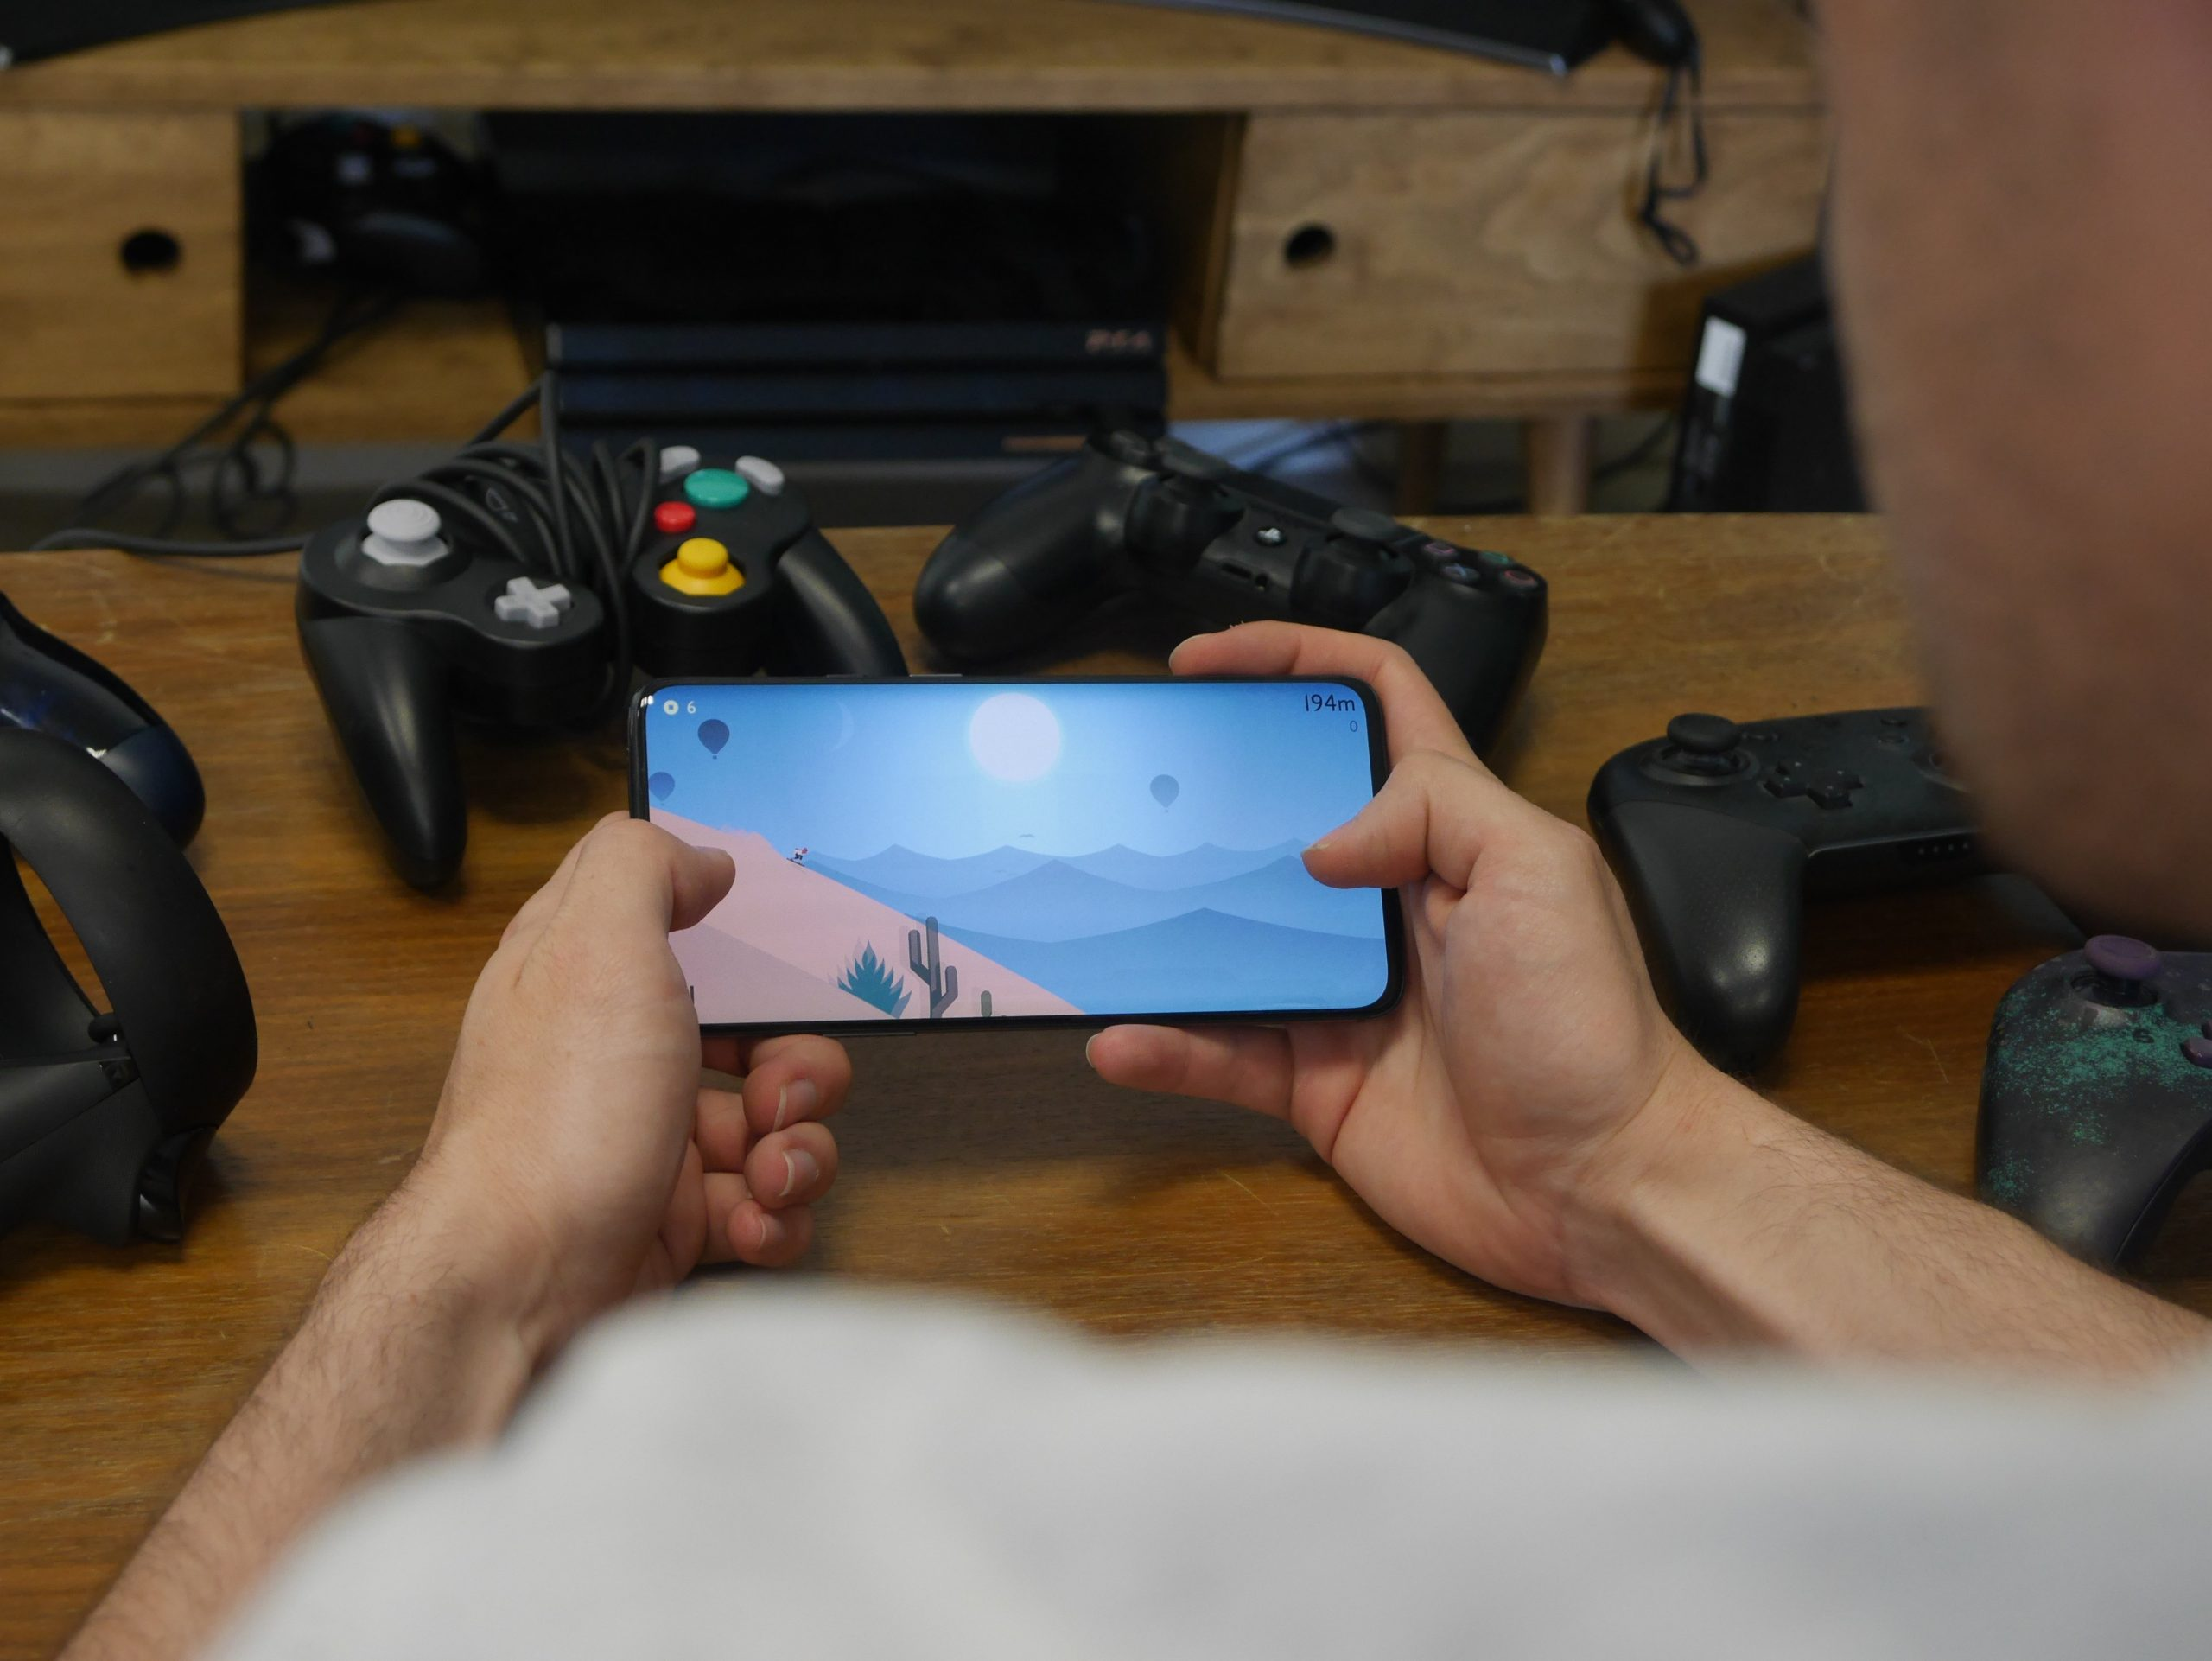 Les Meilleurs Jeux Gratuits Sur Android En 2020 à Jeux Gratuit En Ligne A Telecharger